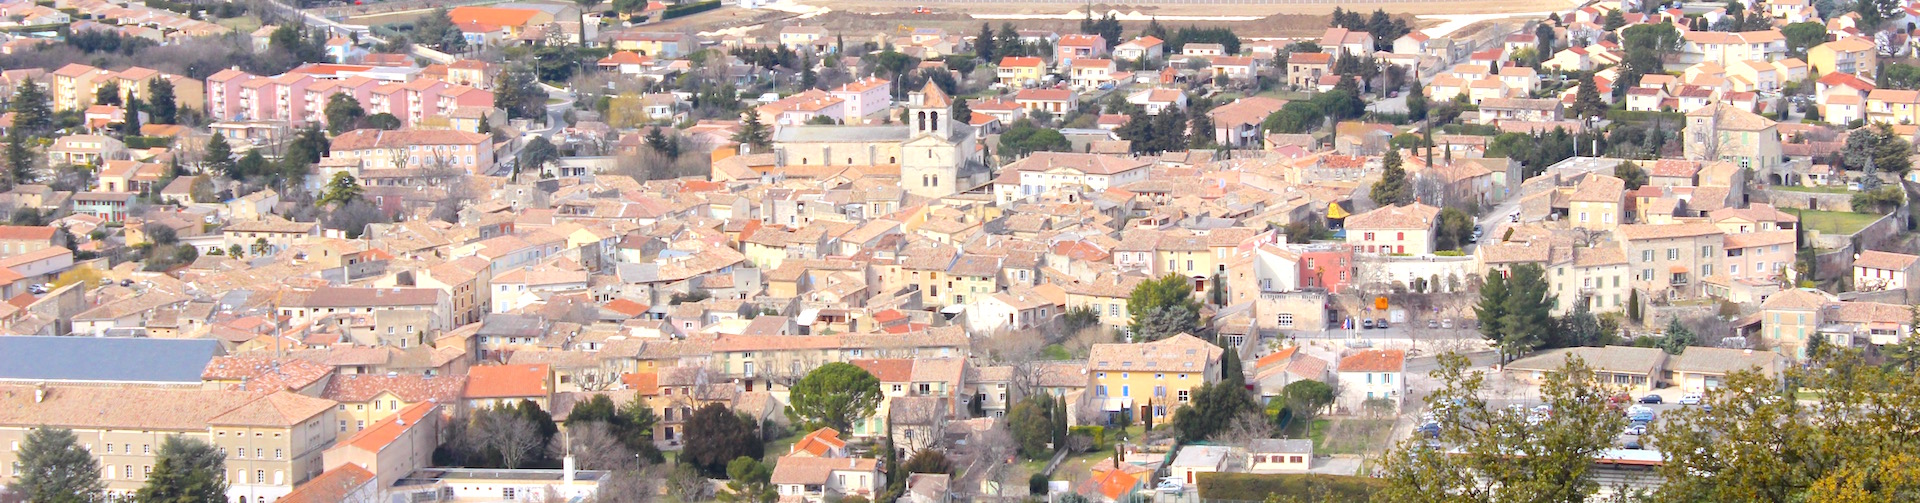 Village de Saint Paul 3 Châteaux